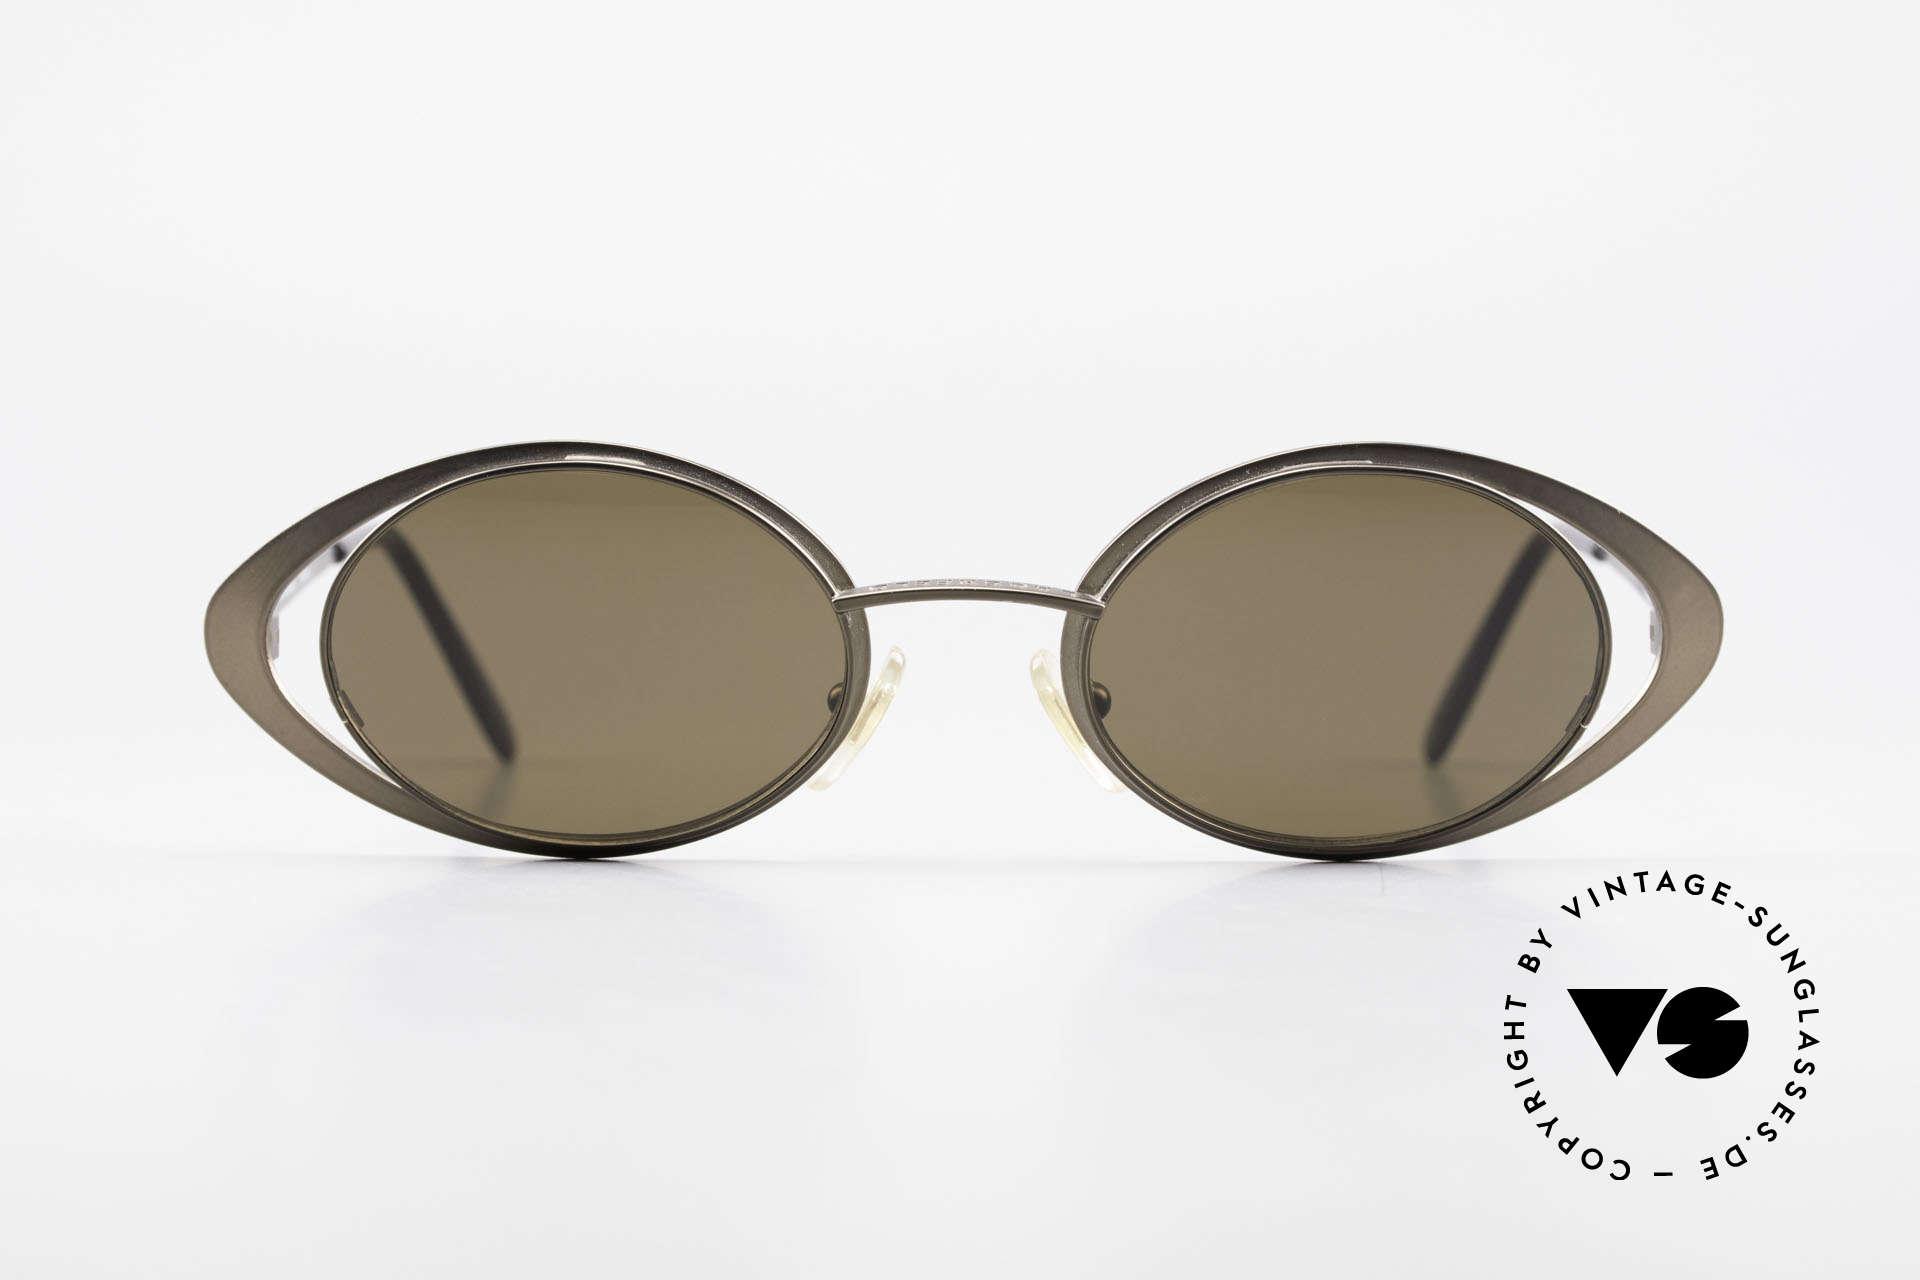 Karl Lagerfeld 4136 True Vintage Brille Oval 90er, Kleinserie aus den 90ern in herausragender Qualität, Passend für Damen